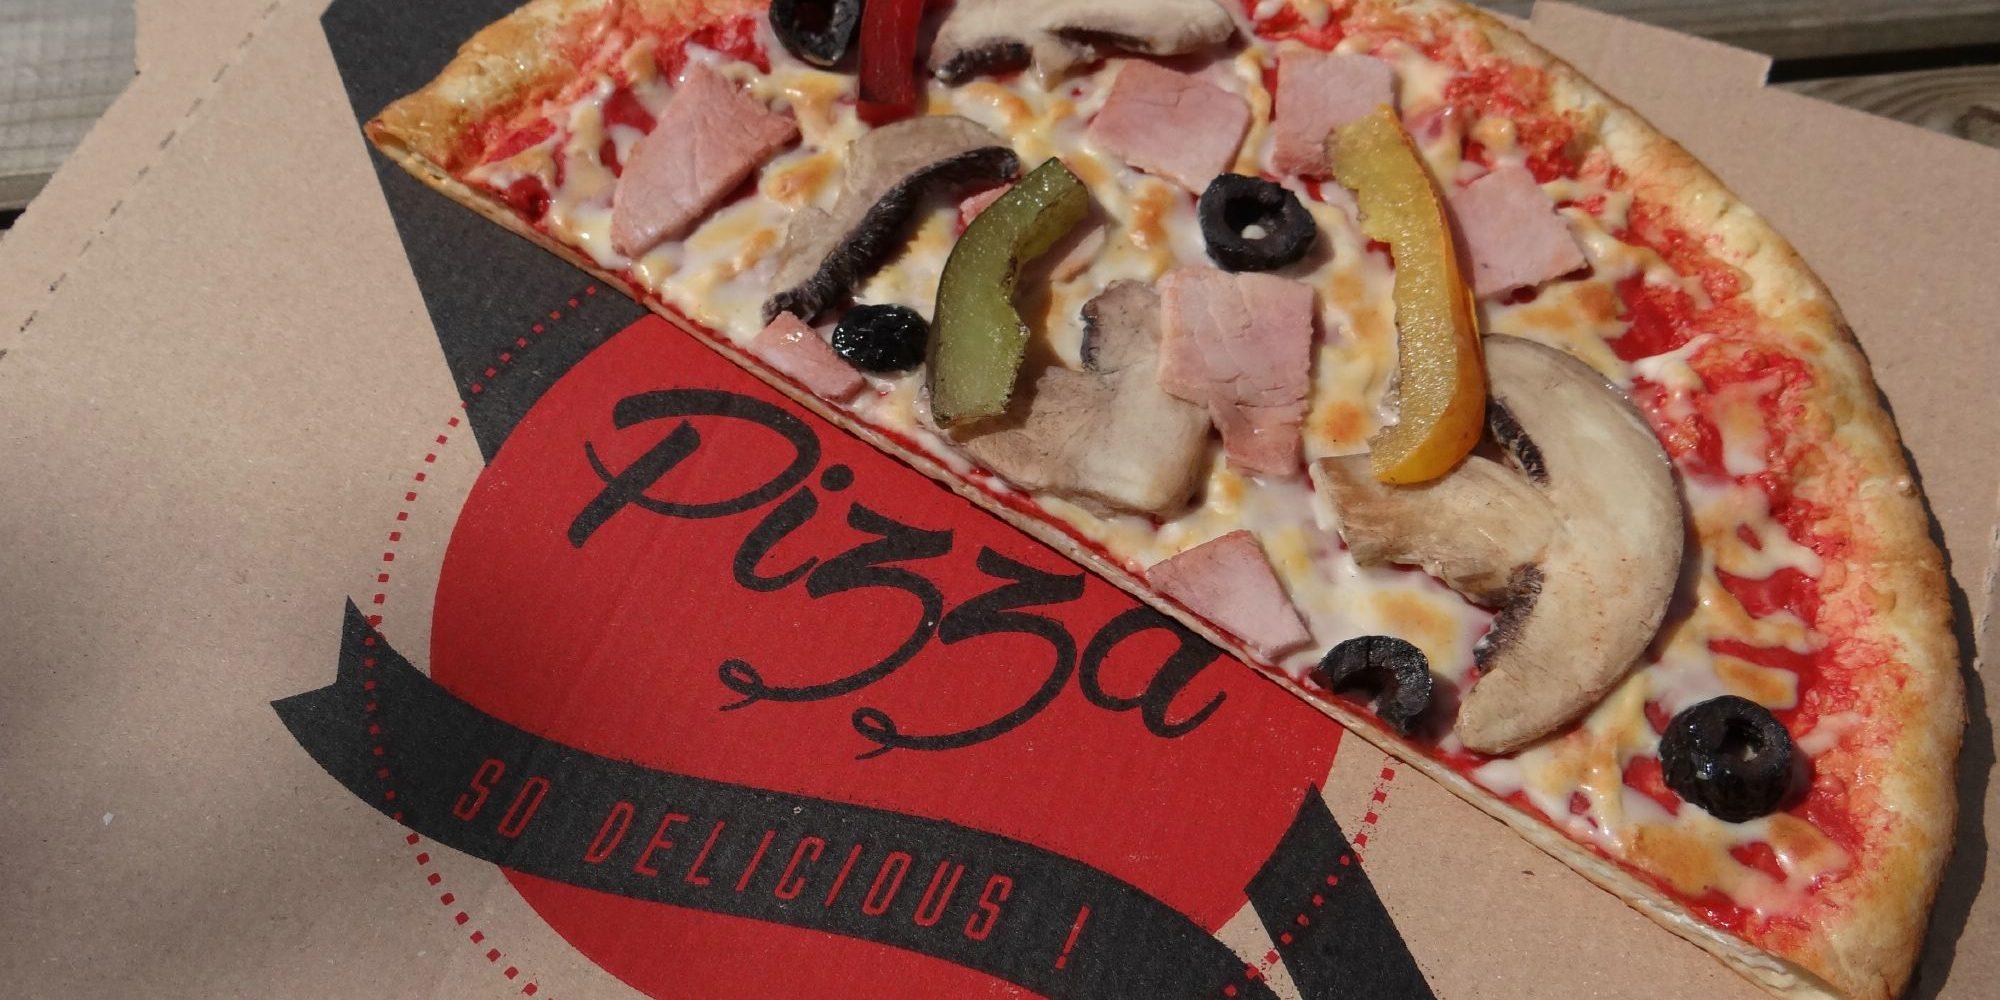 une fausse pizza qui donne envie autant qu'une vraie